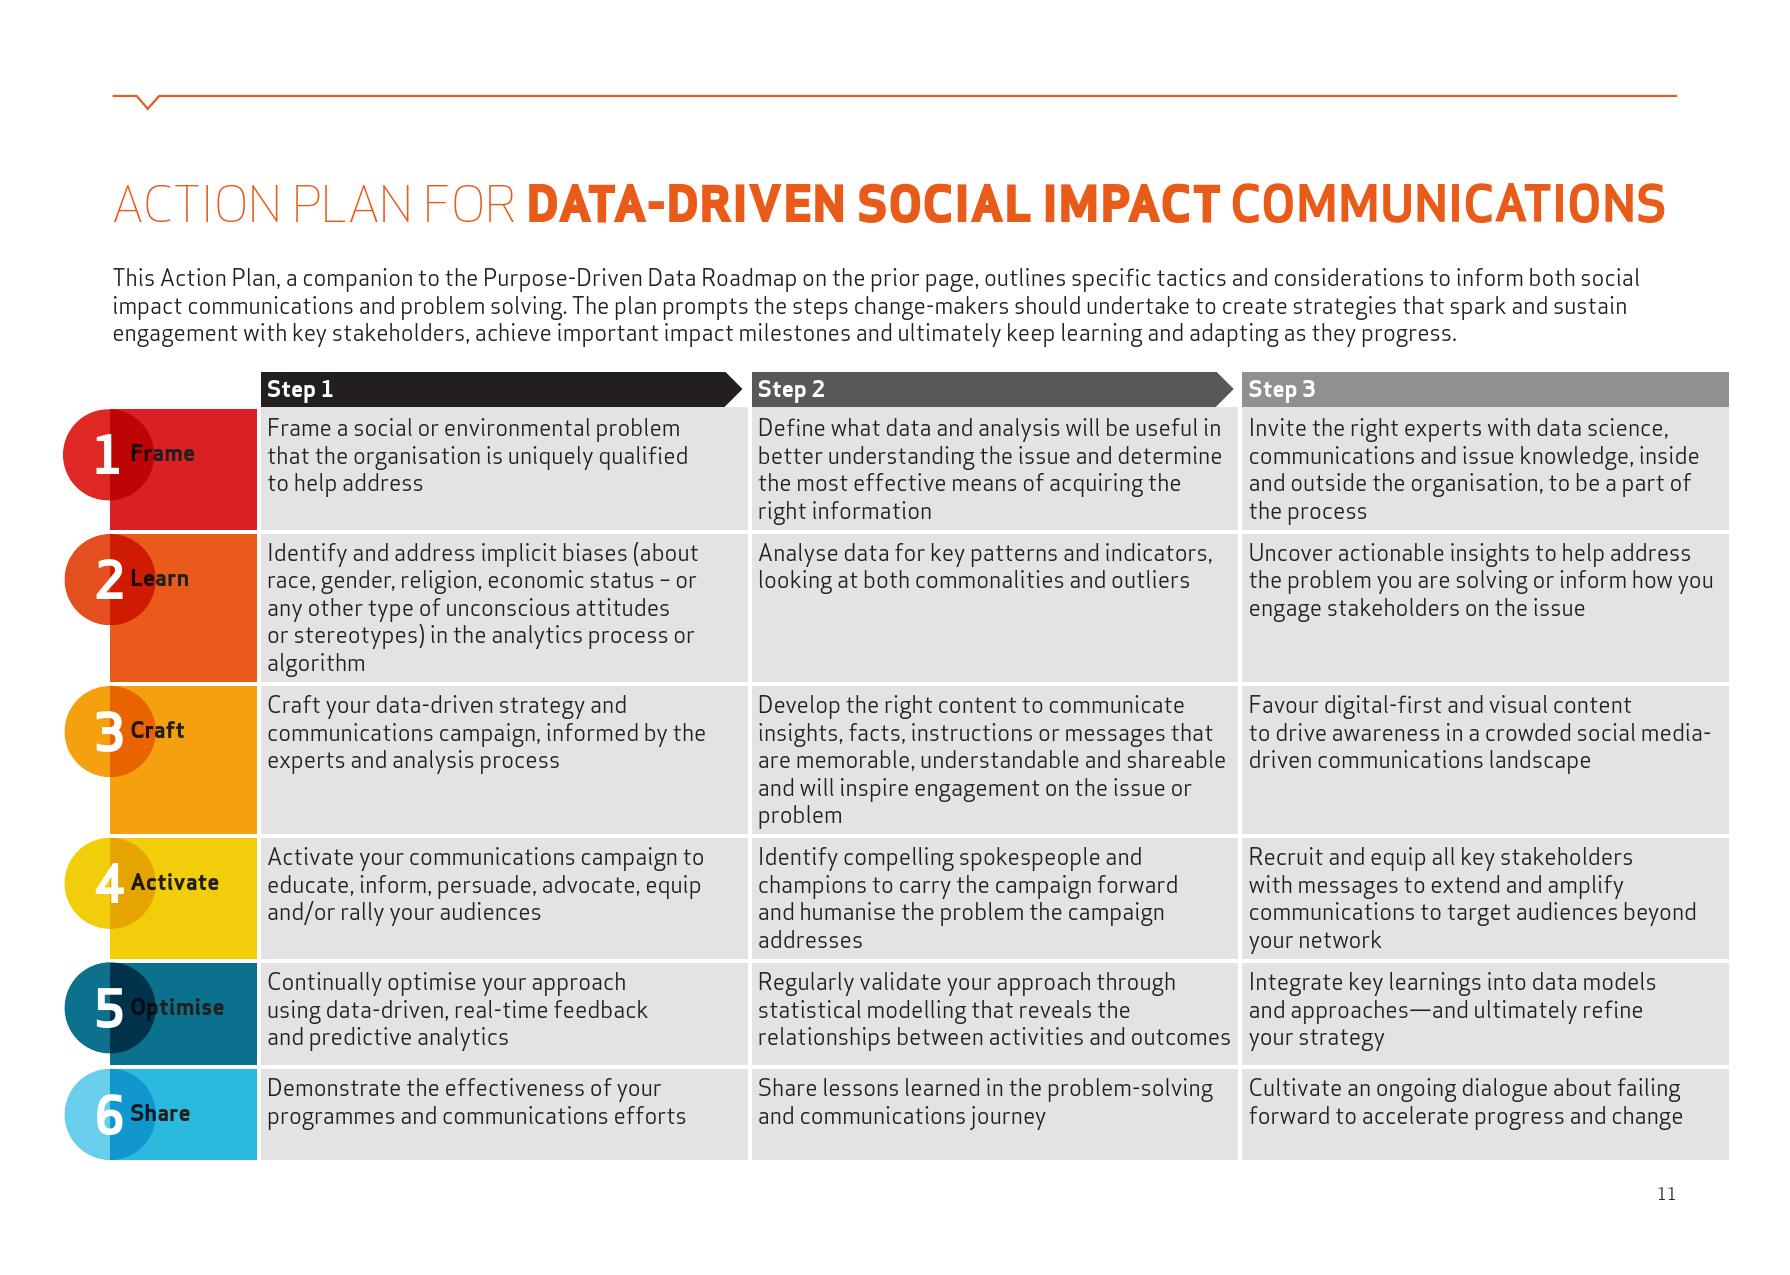 创新趋势报告:目标驱动的数据_000011